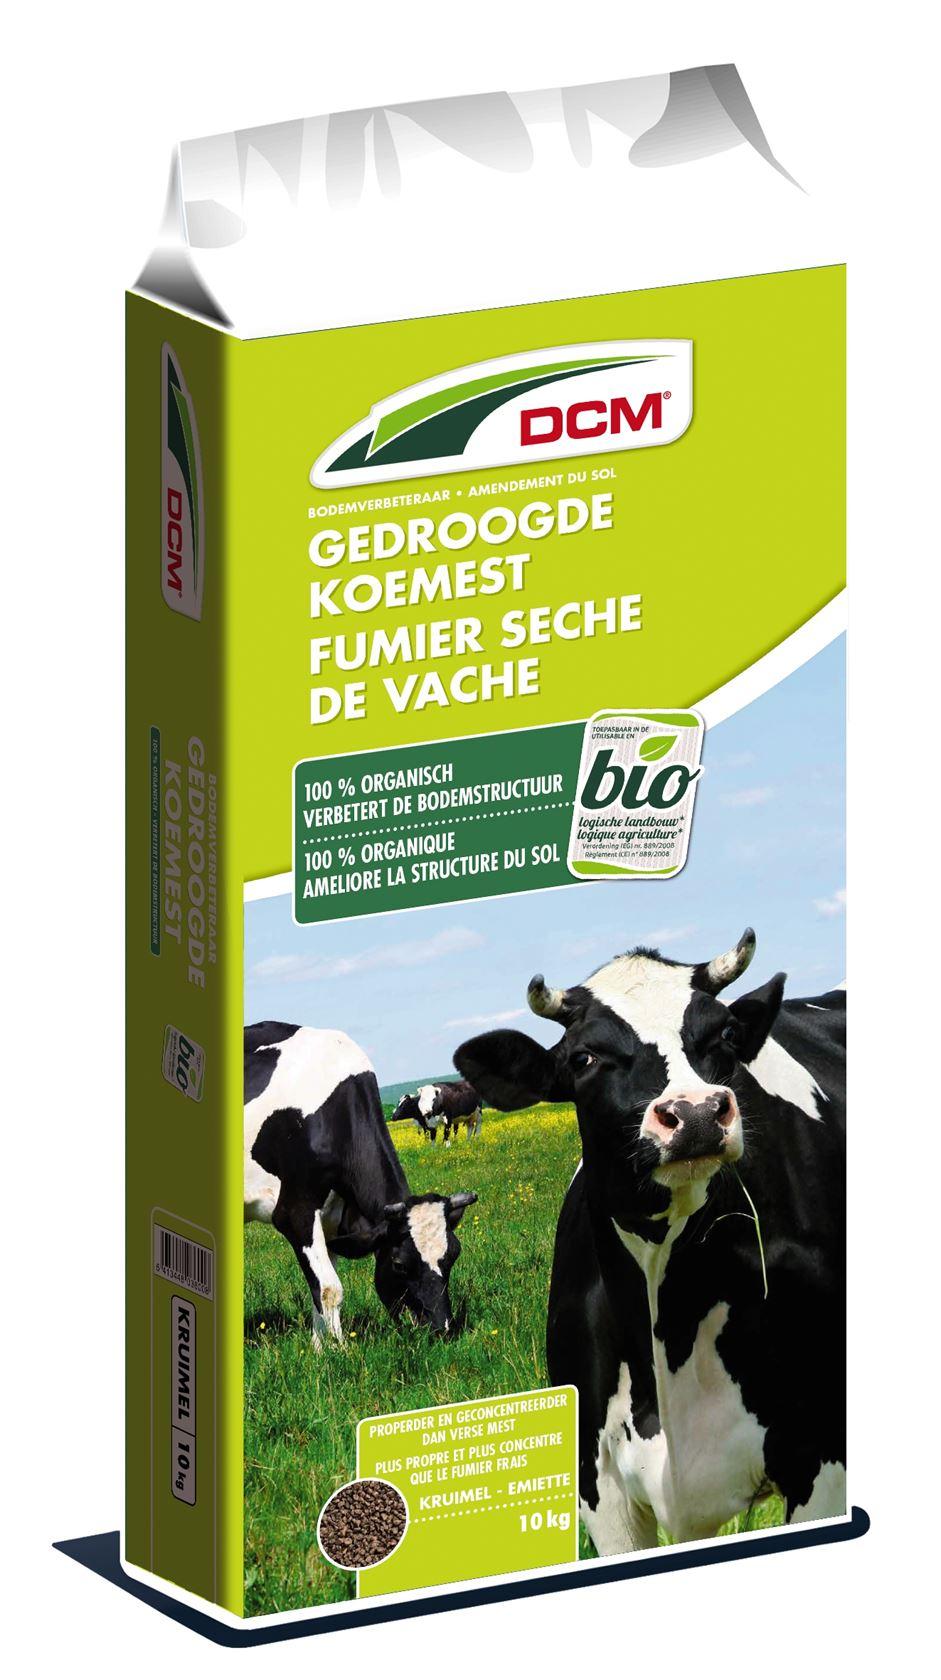 Gedroogde-koemest-10kg-Bio-50-organische-stof